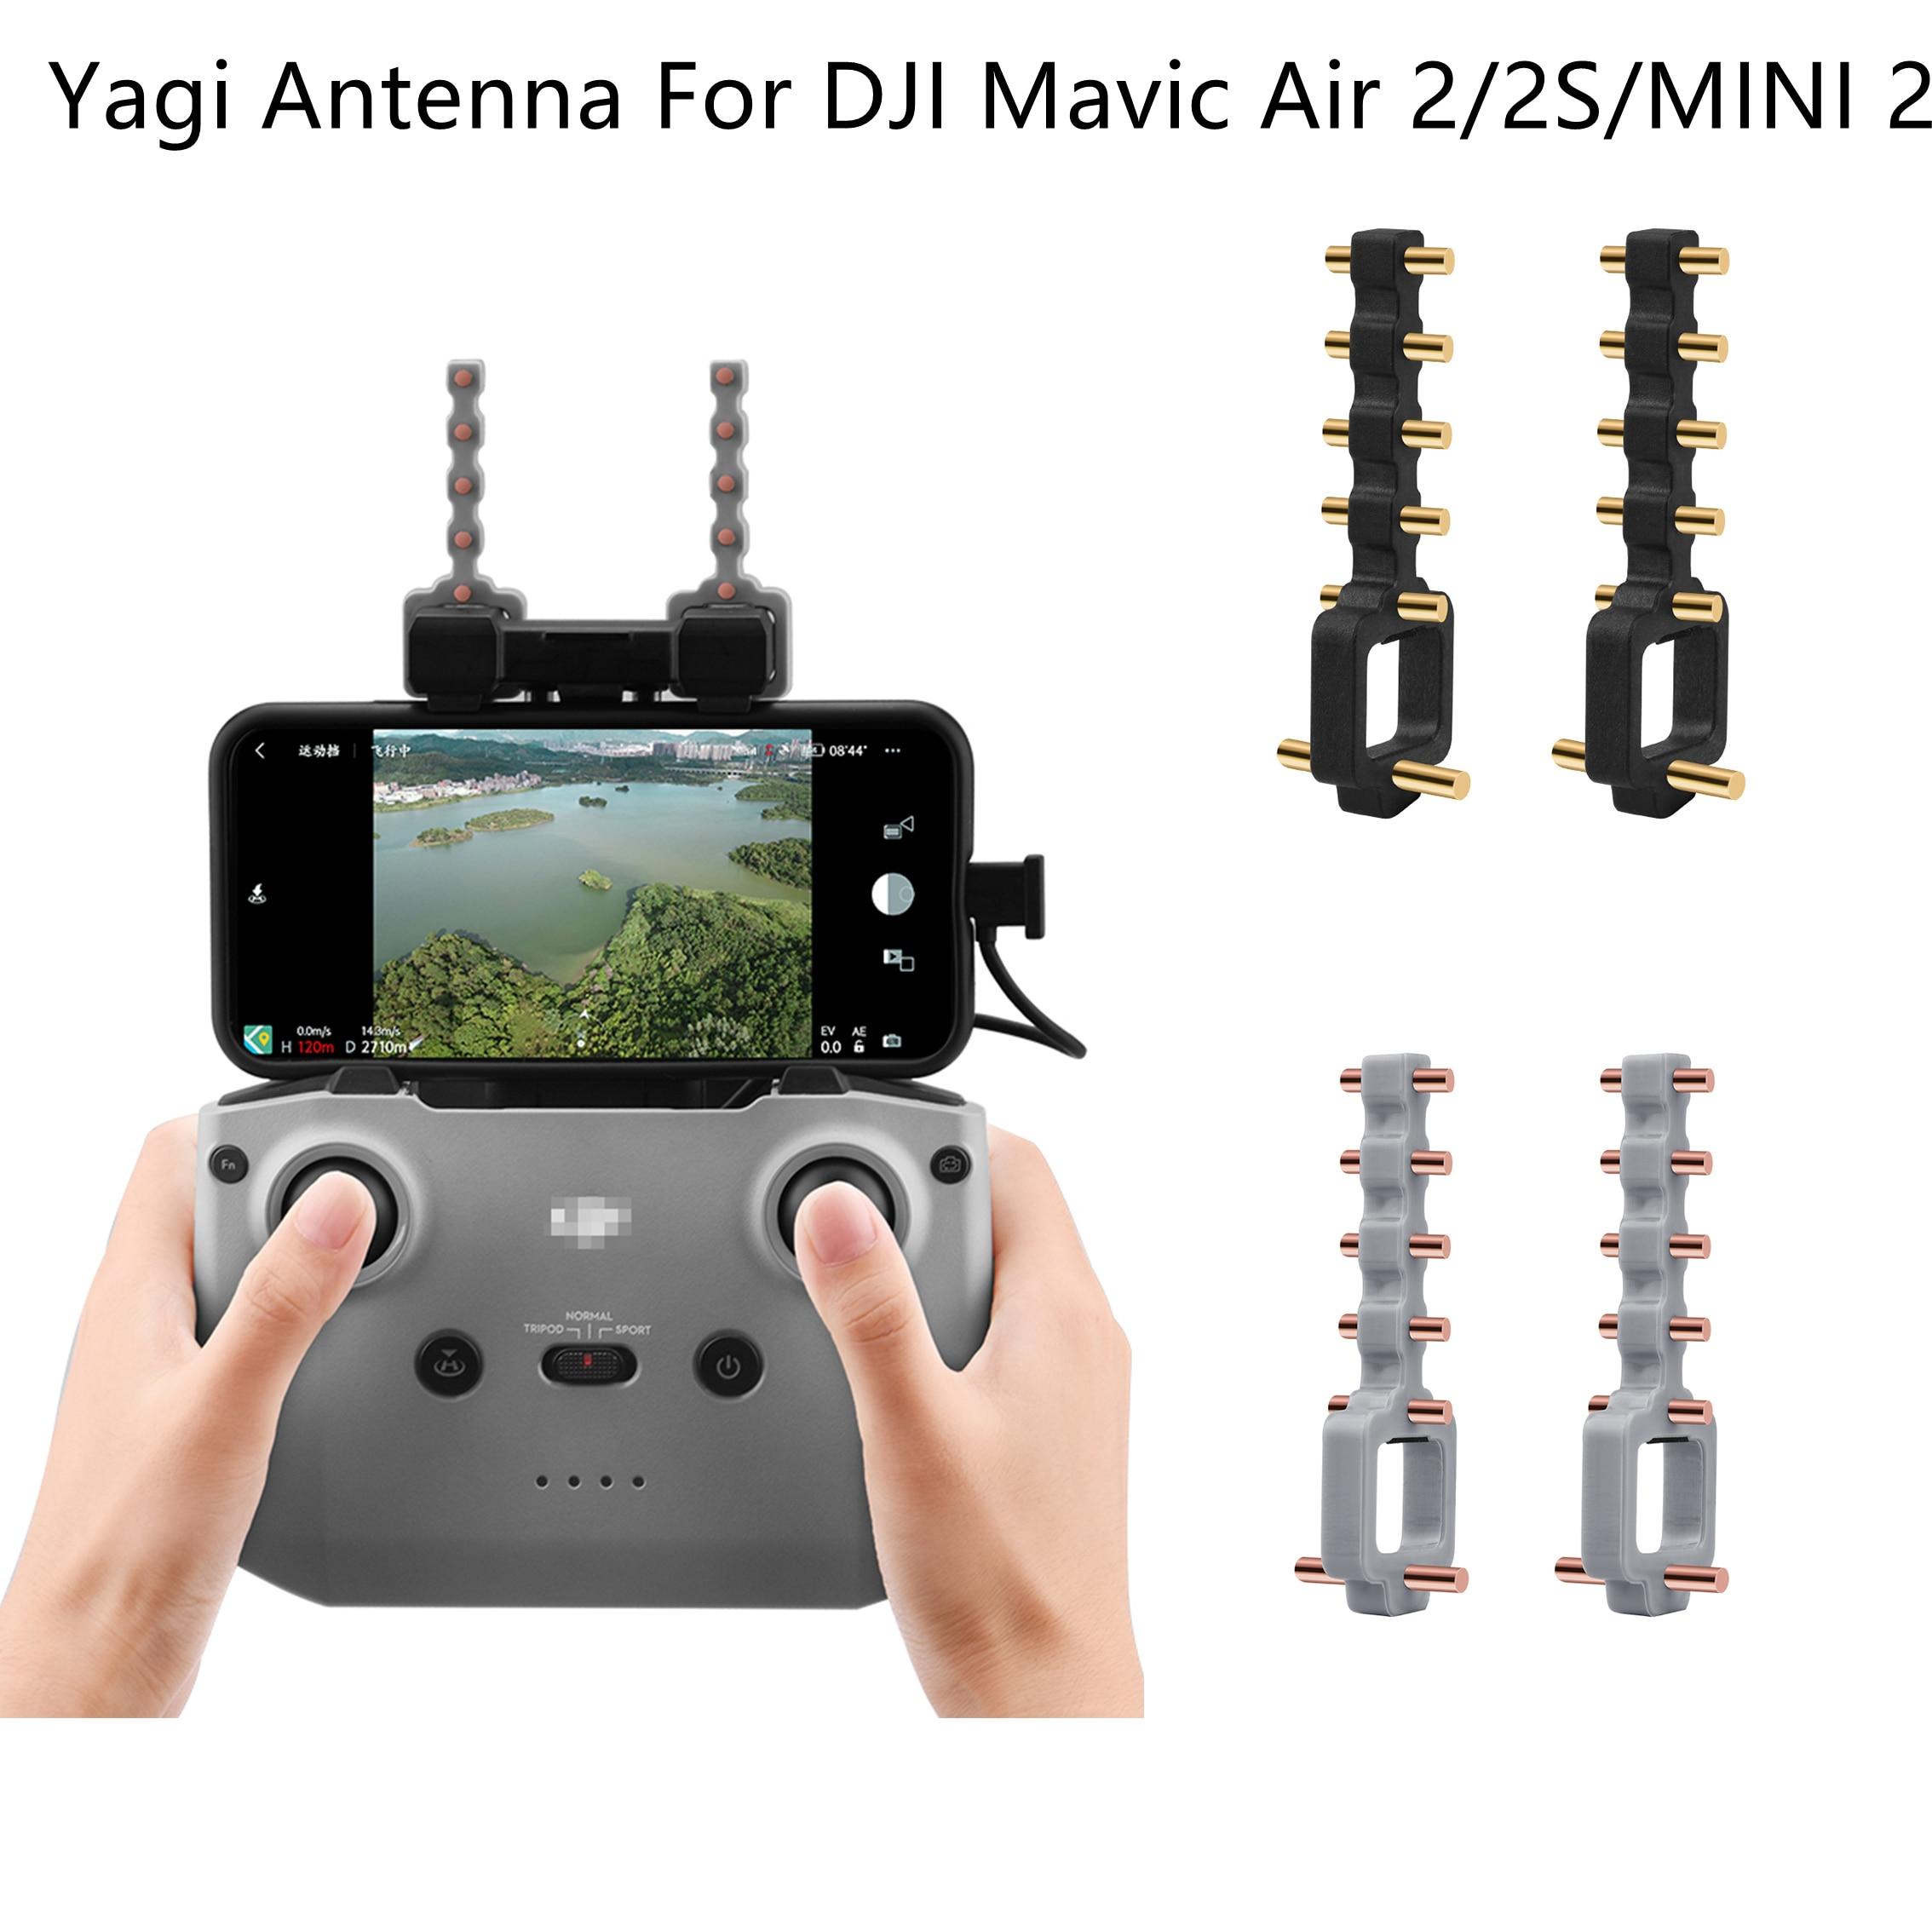 Антенна Yagi для DJI Mavic Air 2/2S, 5,8 ГГц, пульт дистанционного управления, усилитель сигнала, расширитель диапазона, аксессуары для Mavic Mini 2 RC